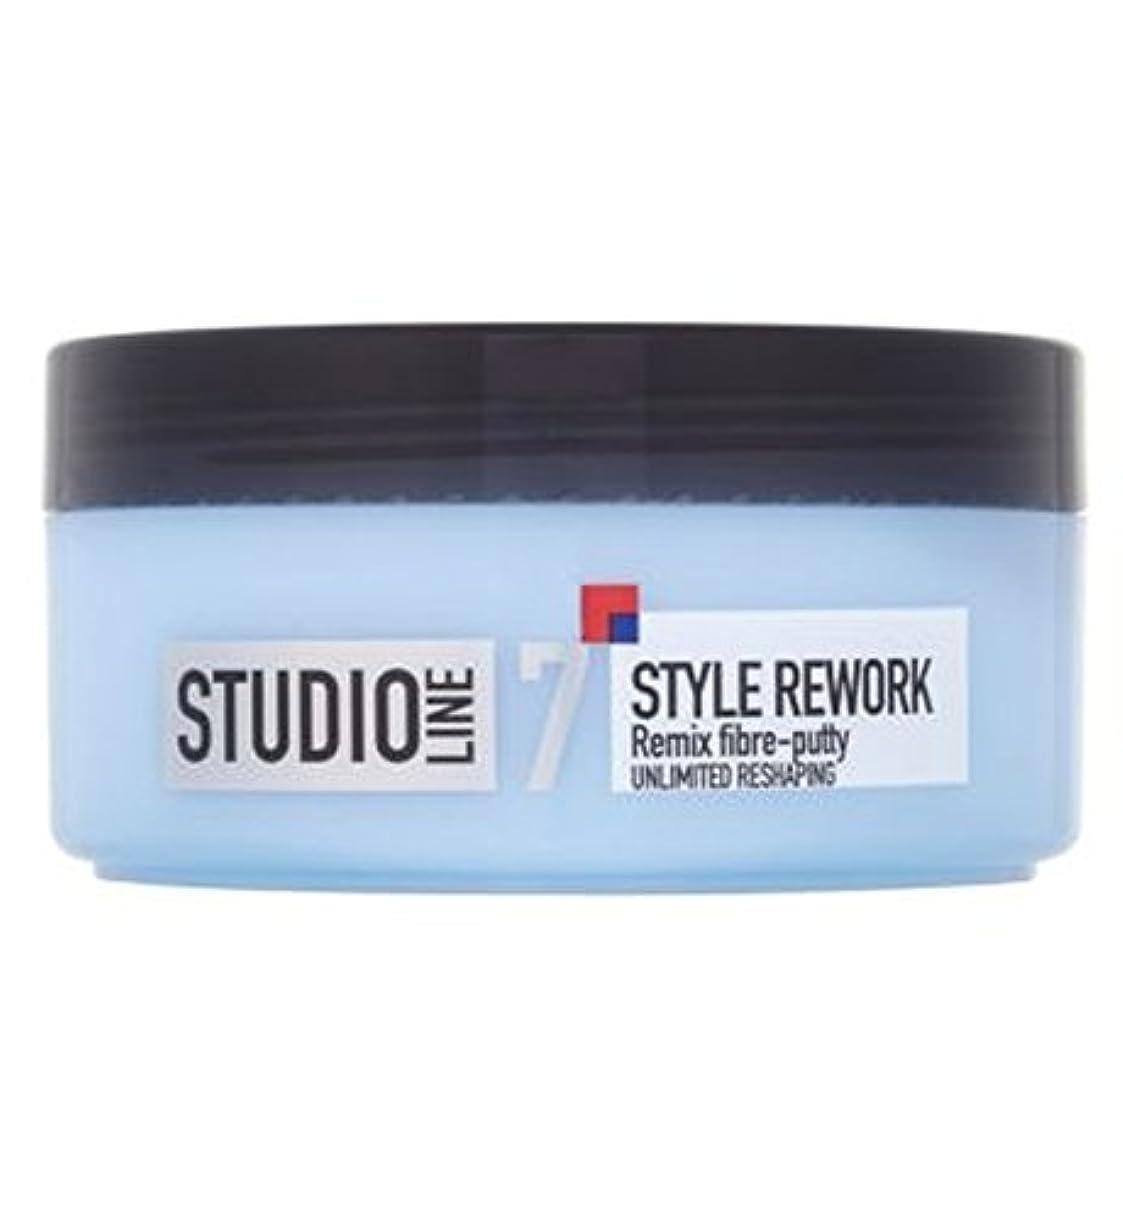 だらしないロードブロッキングぺディカブL'Oreallスタジオラインスタイルリワークリミックス繊維パテ150ミリリットル (L'Oreal) (x2) - L'Oreall Studio Line Style Rework Remix Fibre-Putty...